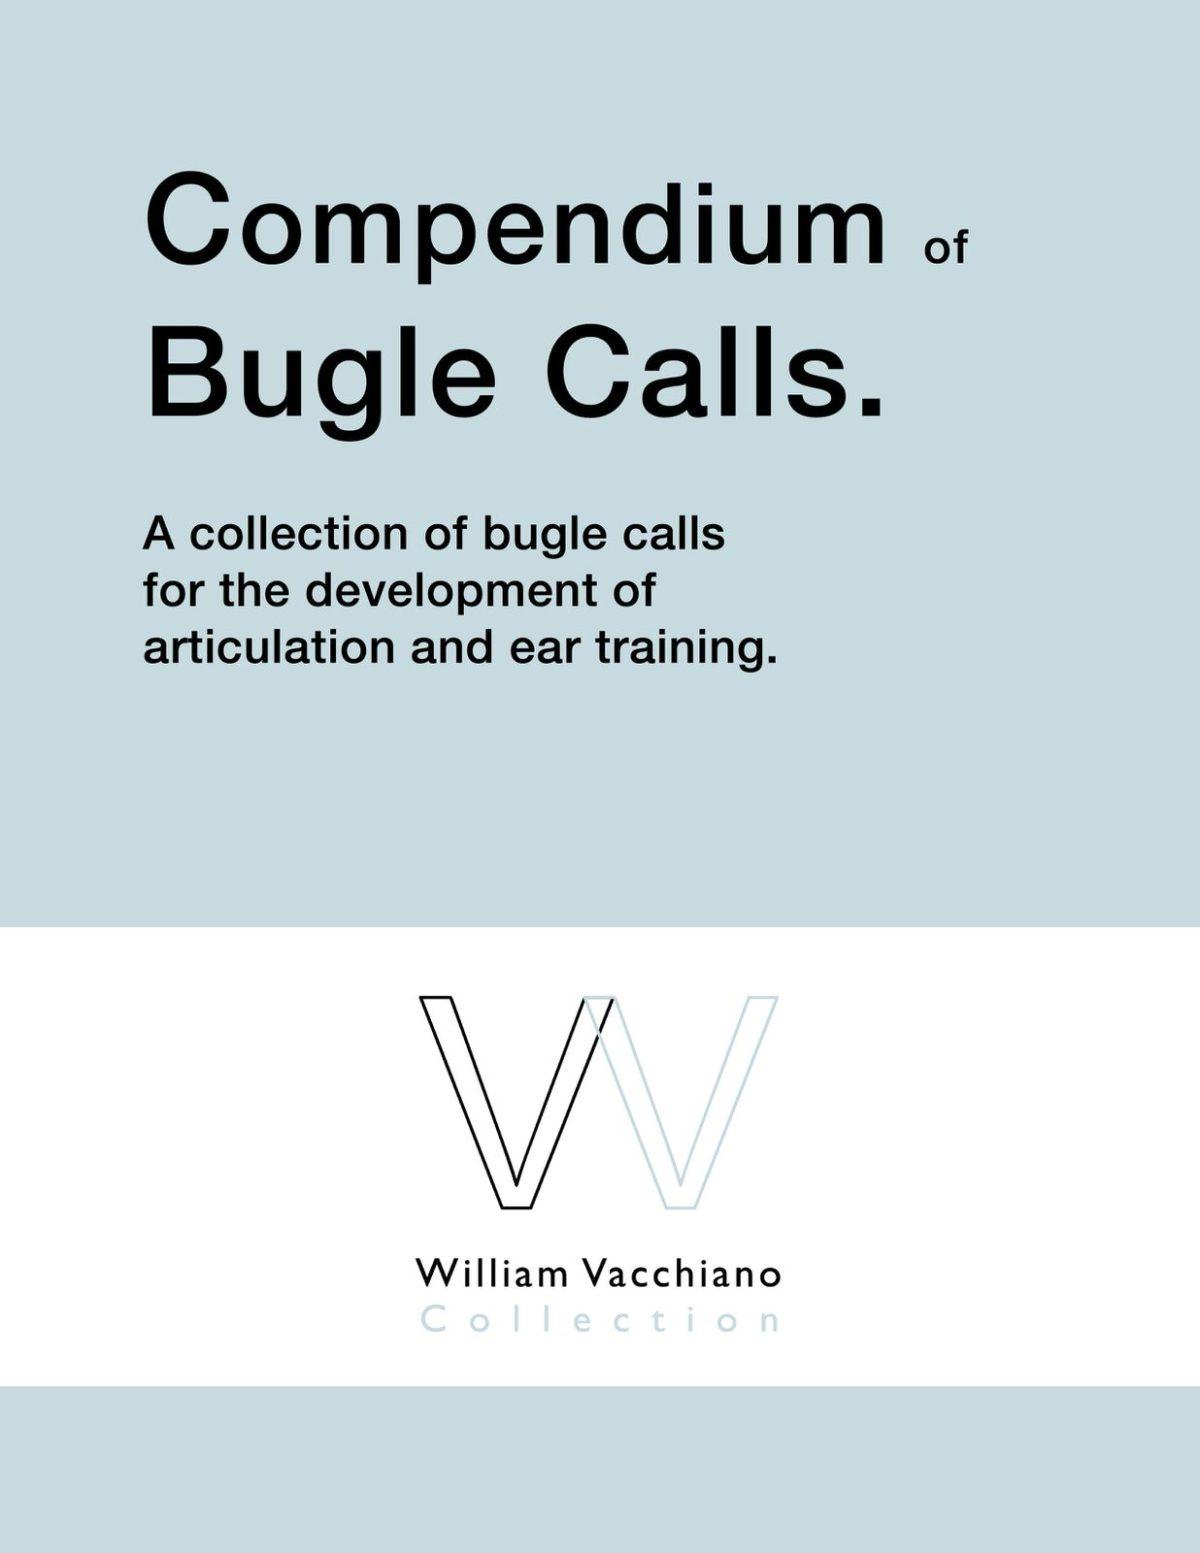 Vacchiano, Compendium of Bugle Calls-p01